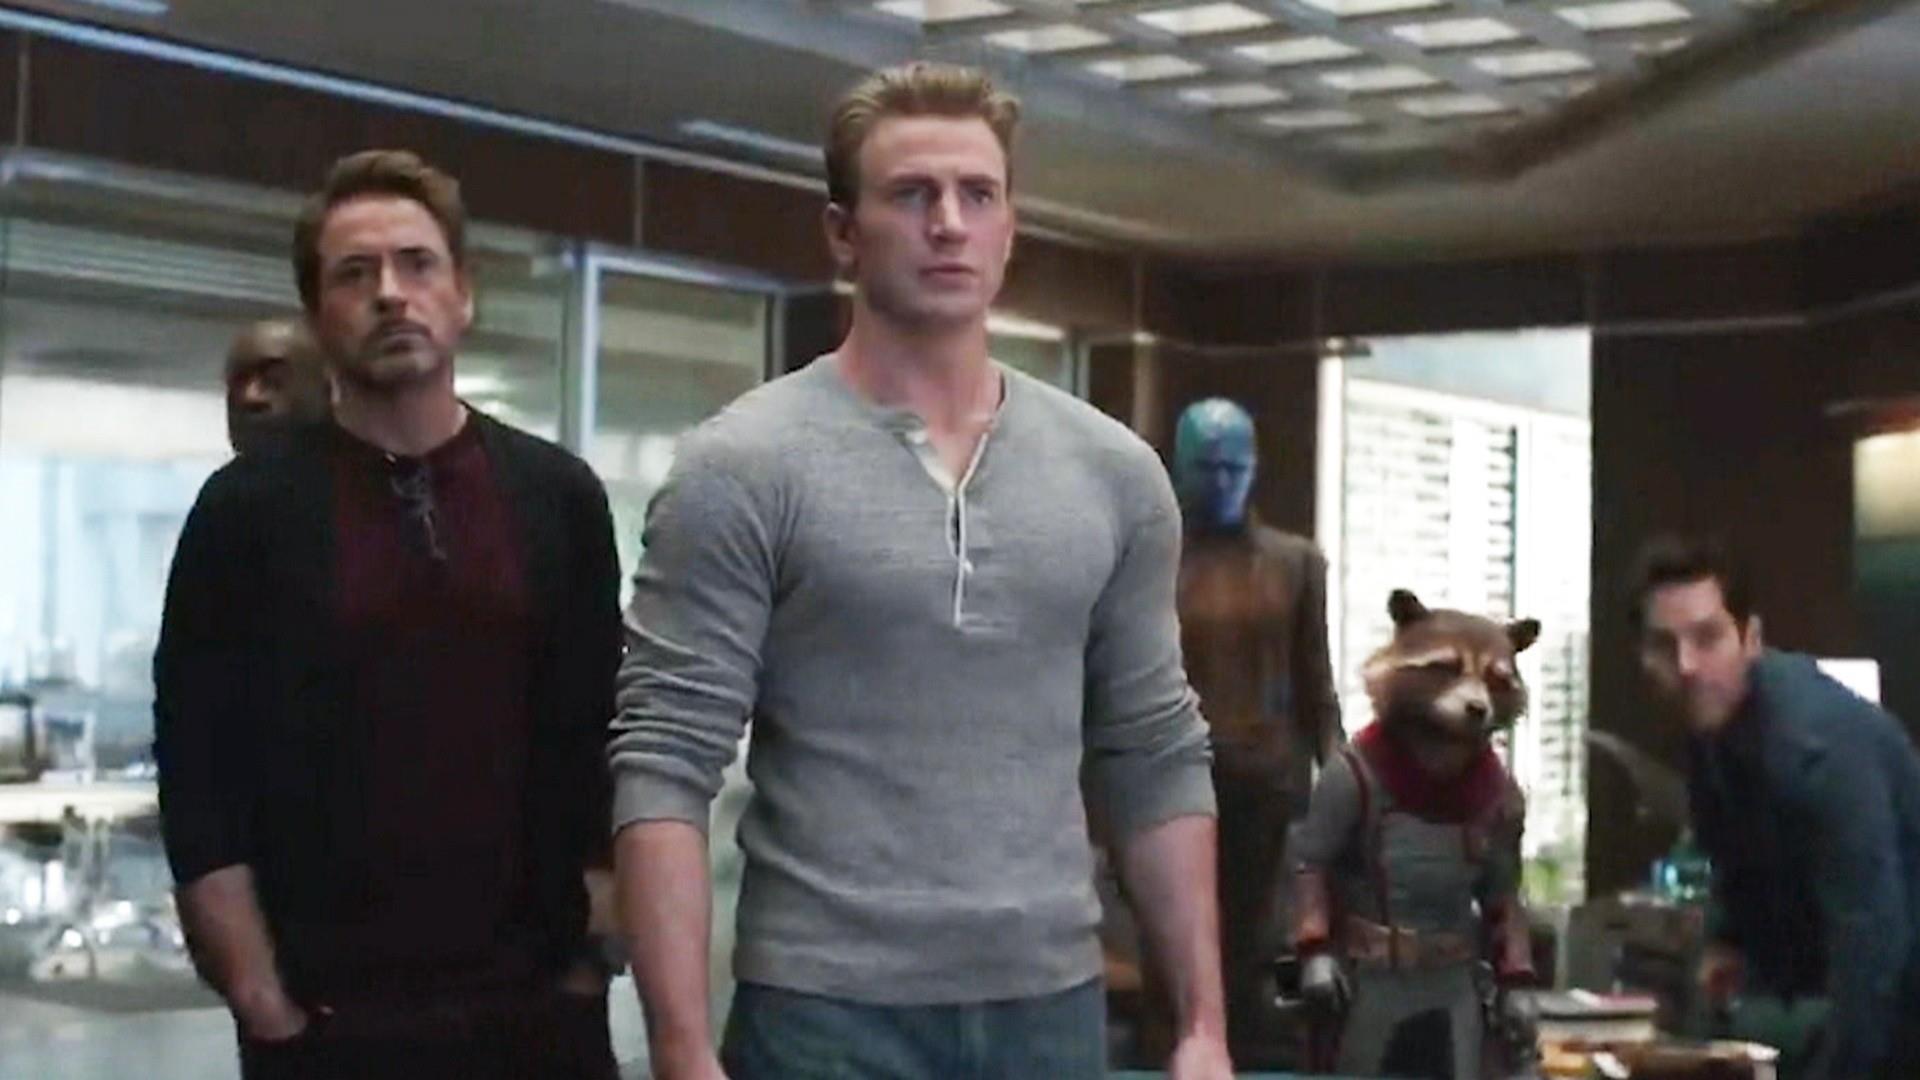 'Avengers: Endgame' set to shatter box office records